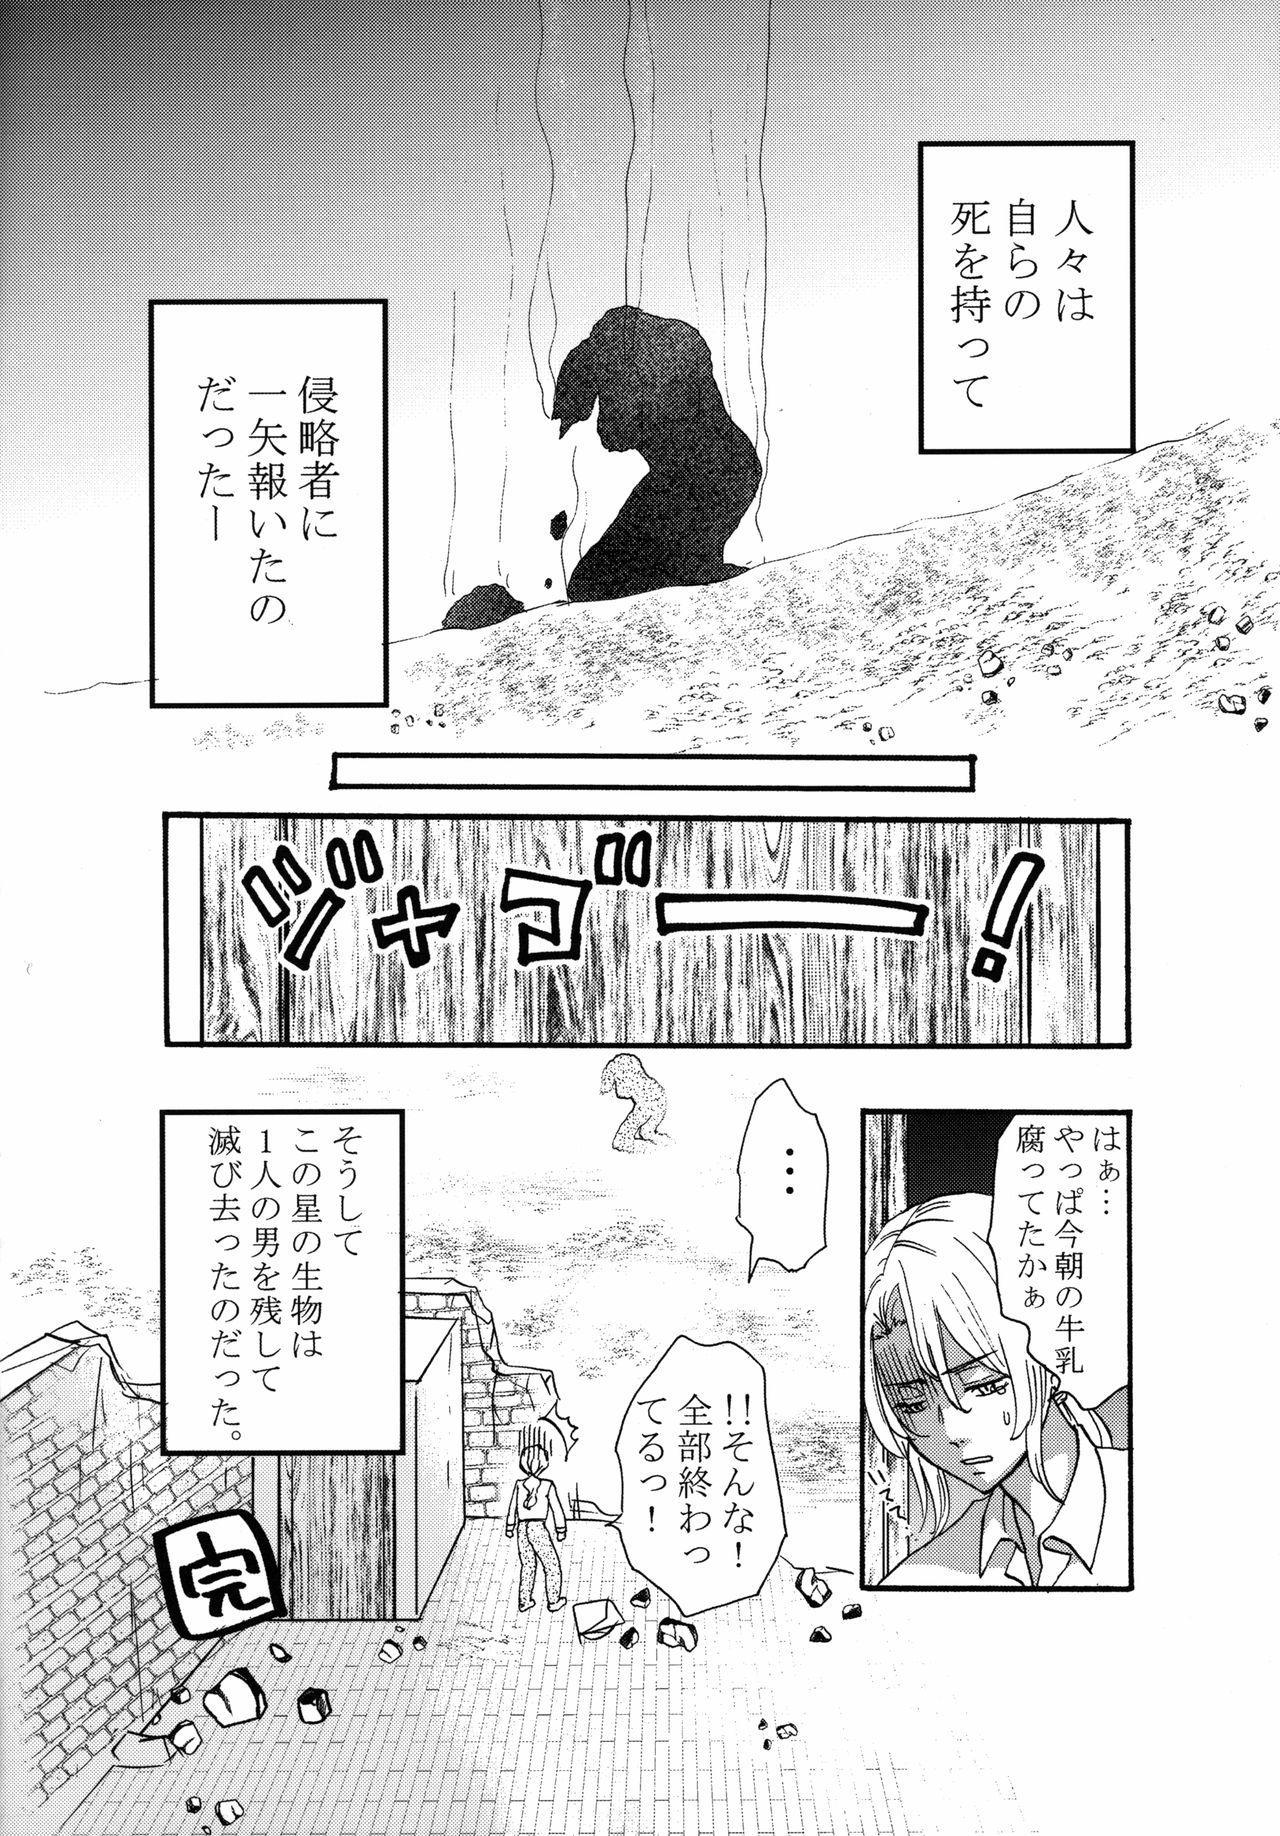 Uchuujin x Kyojo / Size-sa Goudoushi Reiwagou 78